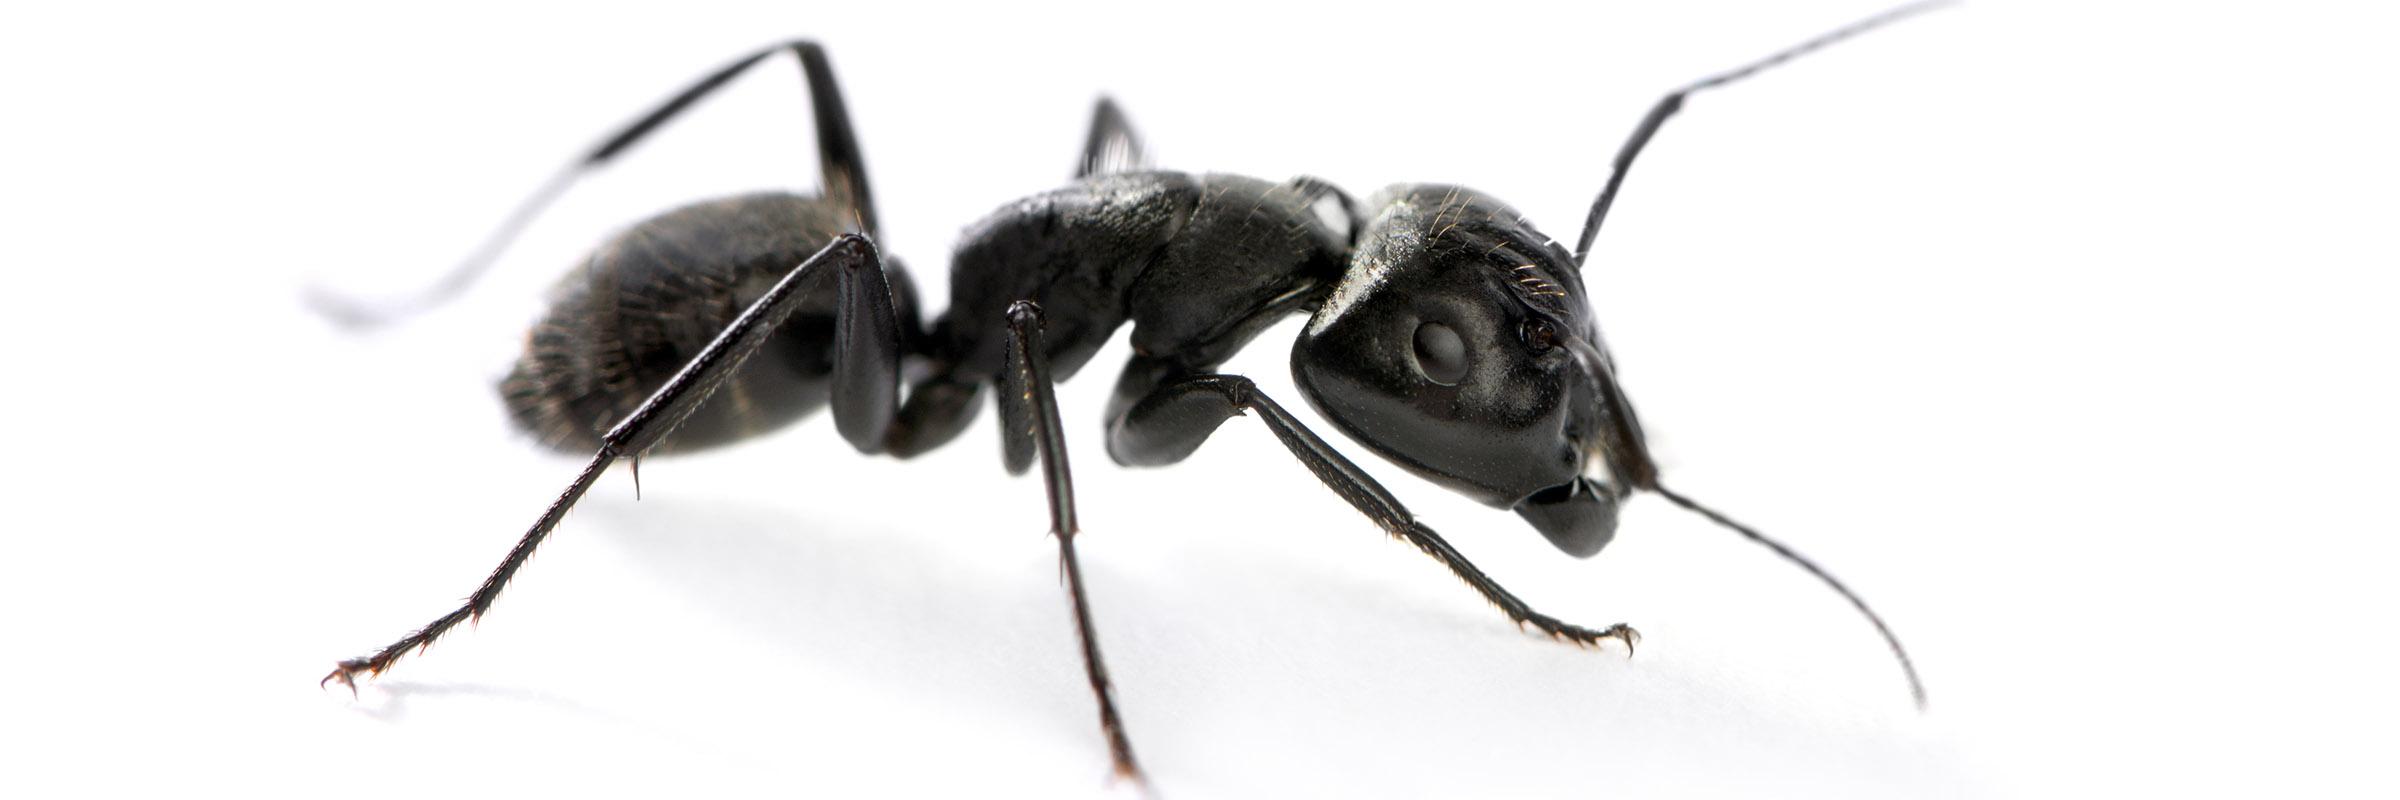 Ant c